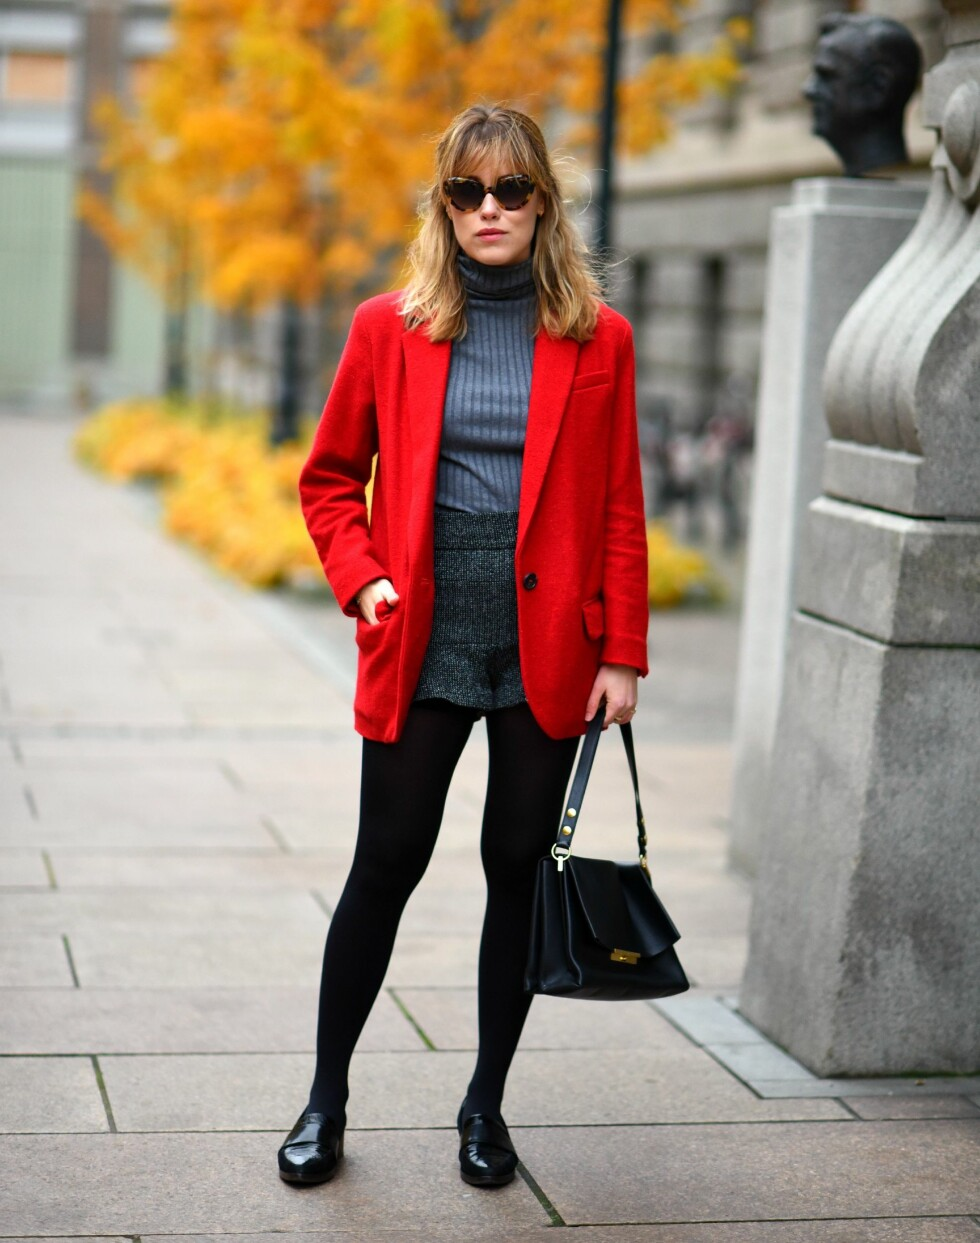 LA EN FARGE SKINNE: Denne røde jakken er superkul og er perfekt for å sprite opp et ellers nøytralt og mørkt antrekk. Foto: Annabelrosendahl.com